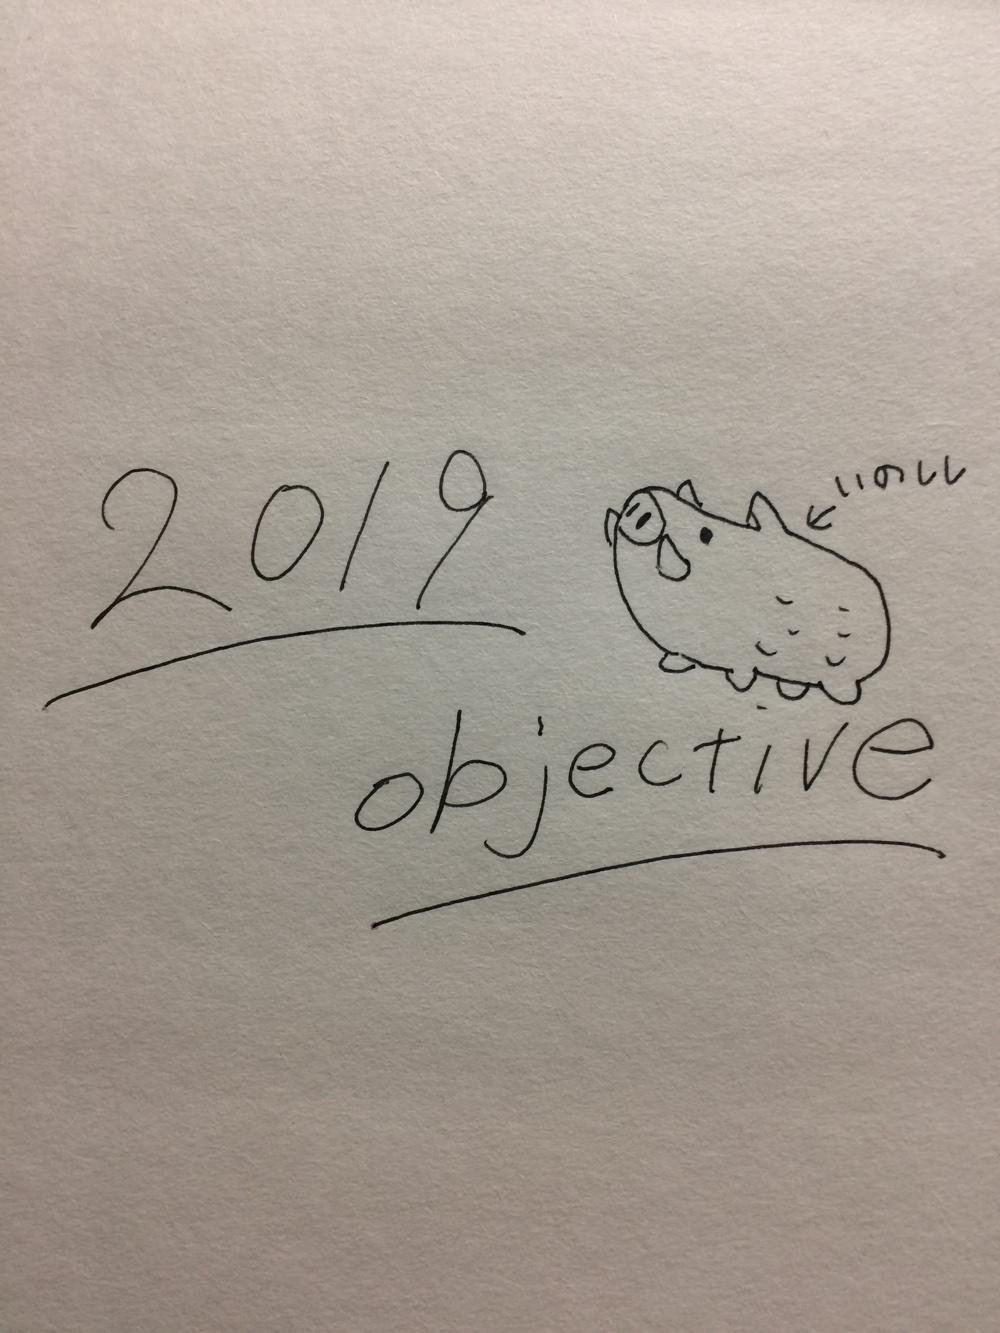 2019年の干支